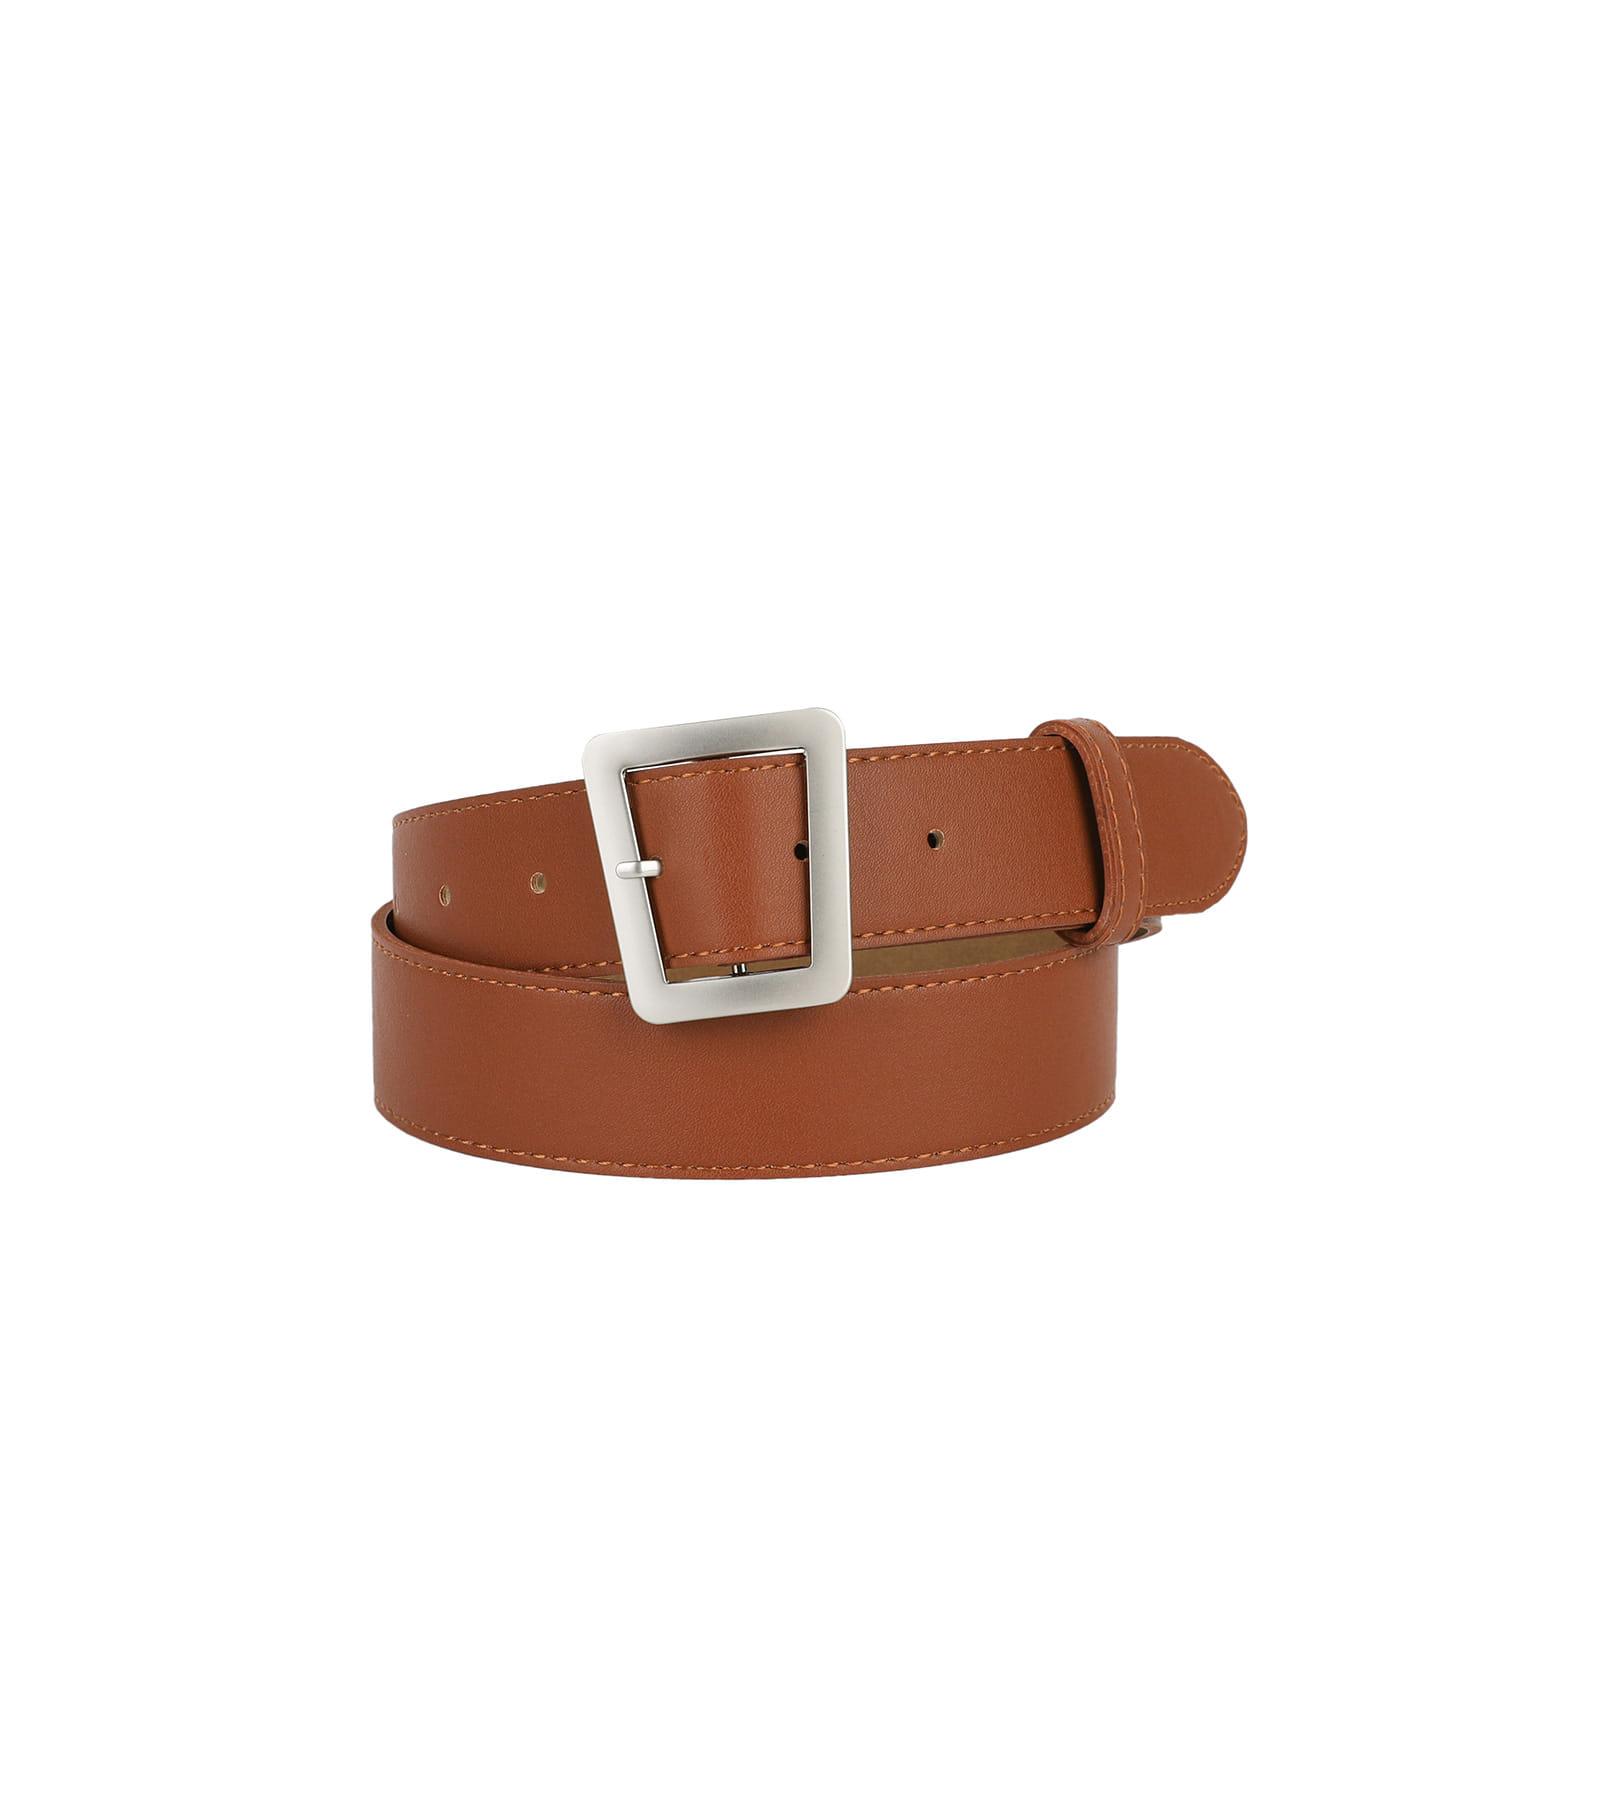 Bigger square belt